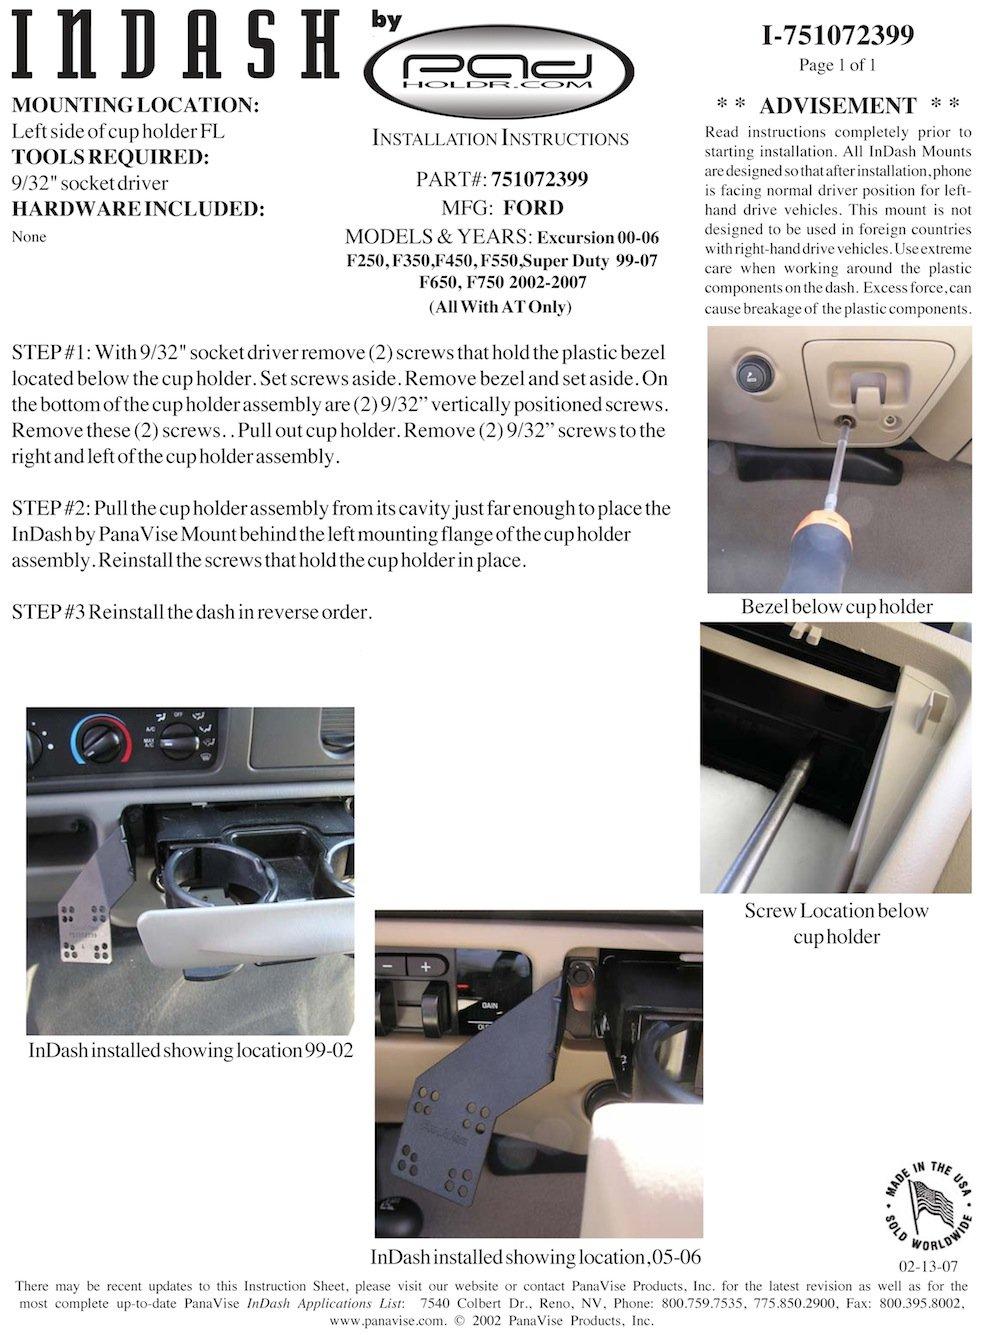 F550 Padholdr Edge Series Premium Tablet Dash Kit for 97-07 Ford F-250 F450 F650 and F750 Pad Holdr PHEC-GB.751072399-2.717-06SF 350 SD